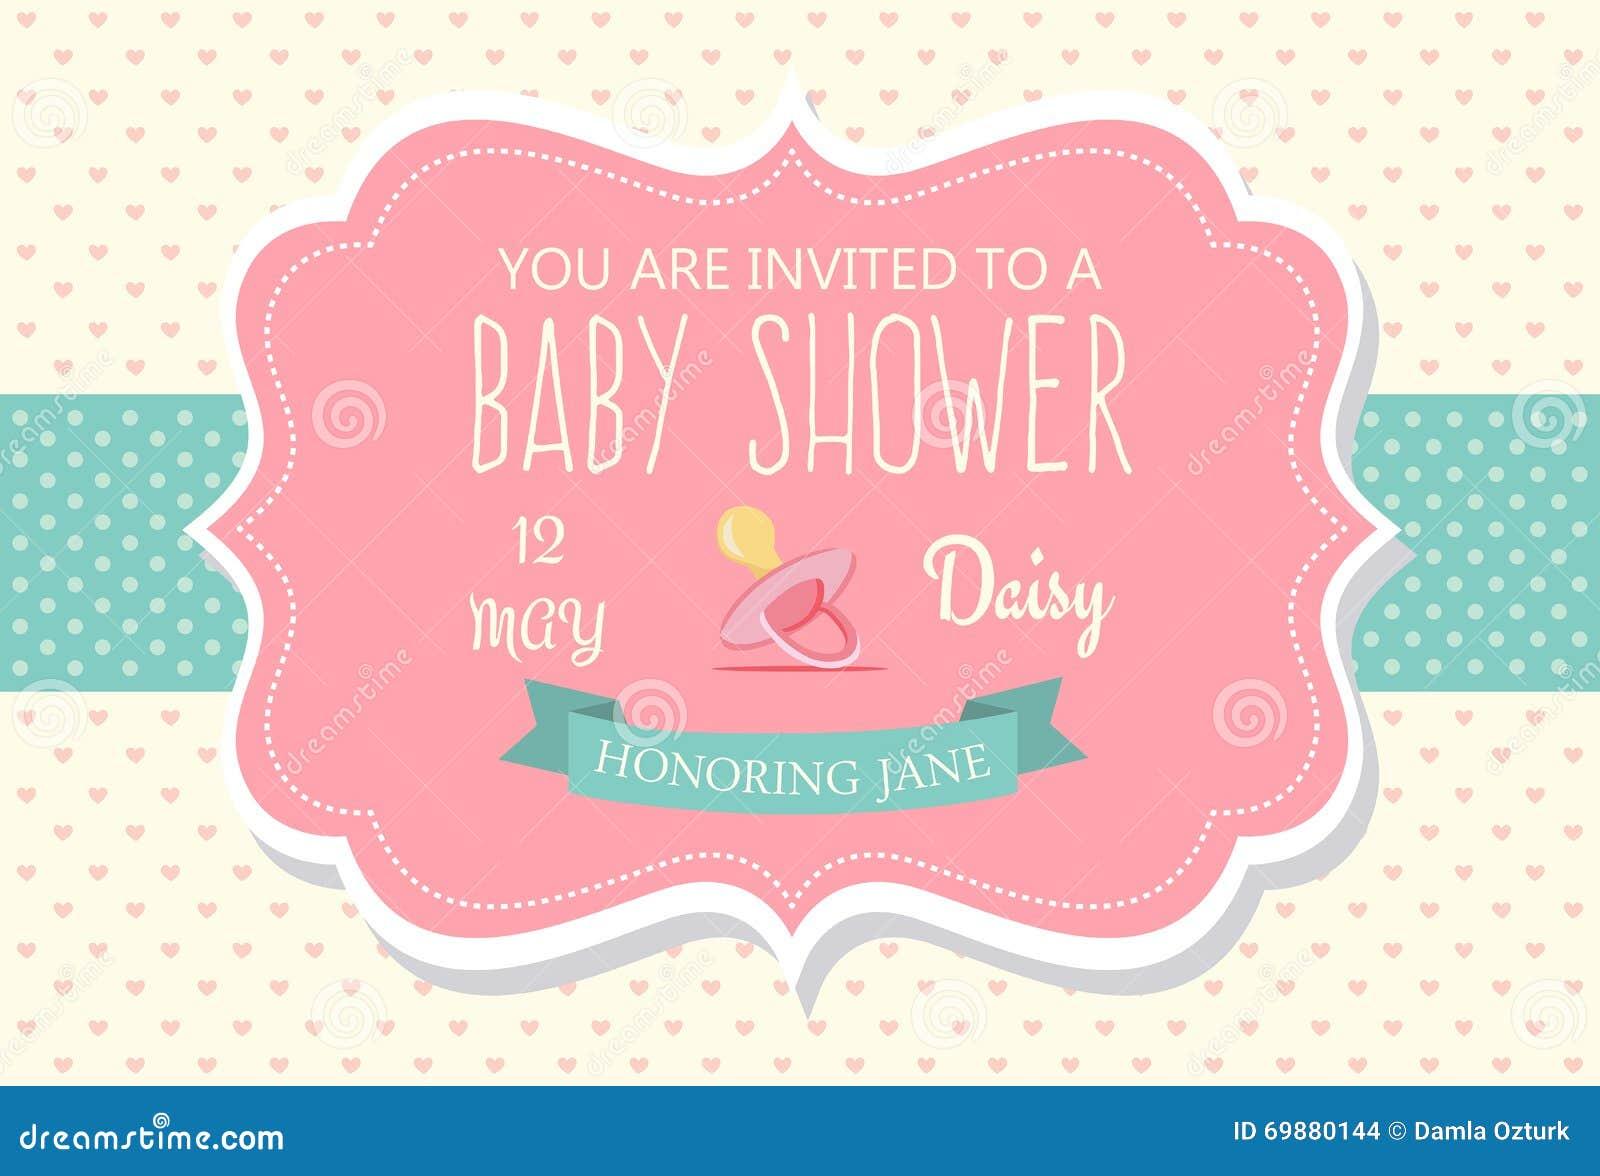 Babyparty Einladung Vektor Abbildung   Bild: 69880144, Einladungs